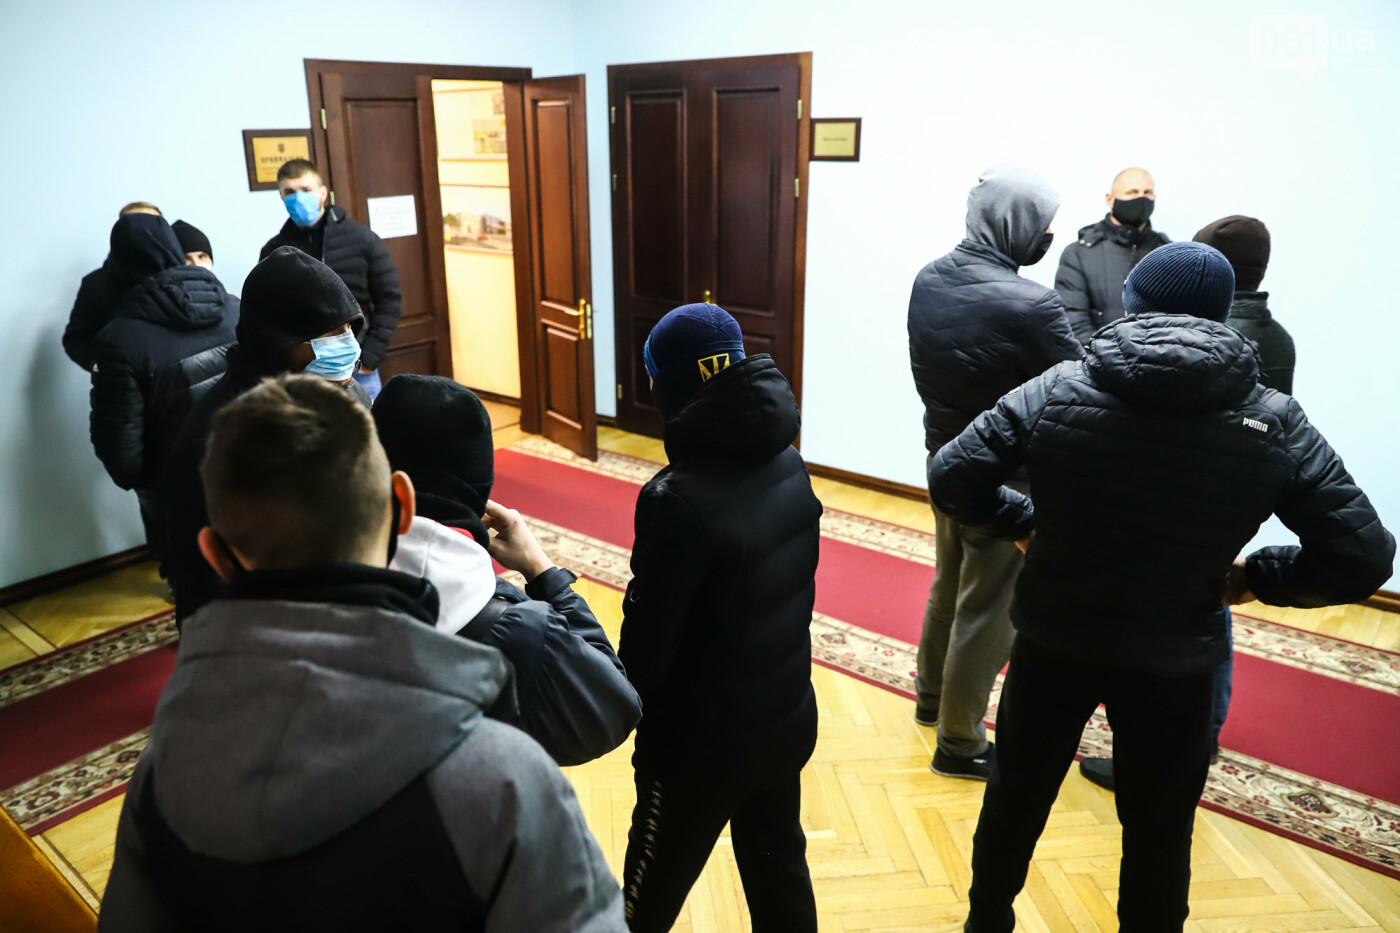 """Тайная """"сессия"""", сотни правоохранителей и стычки с активистами - что происходило в здании Запорожского облсовета, - ФОТО, ВИДЕО , фото-14"""